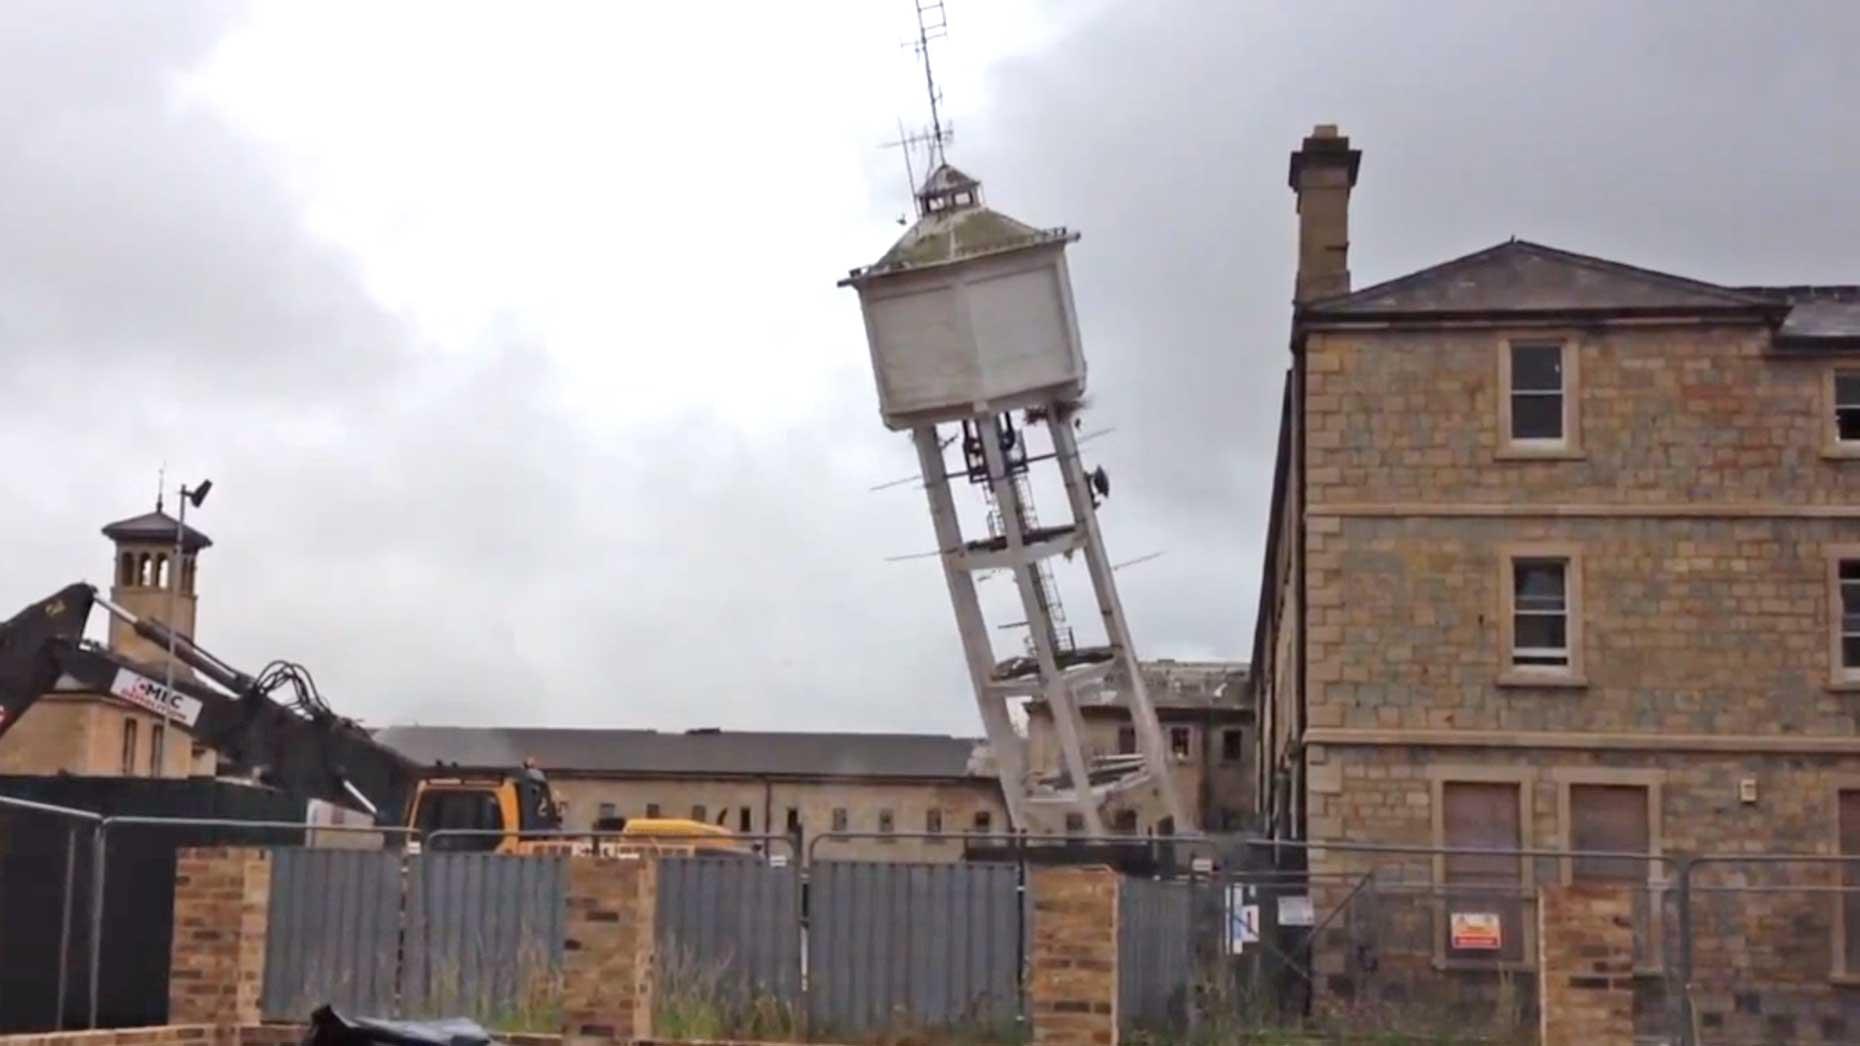 Demolish Water Tower : Watch it go down bracebridge heath water tower demolition